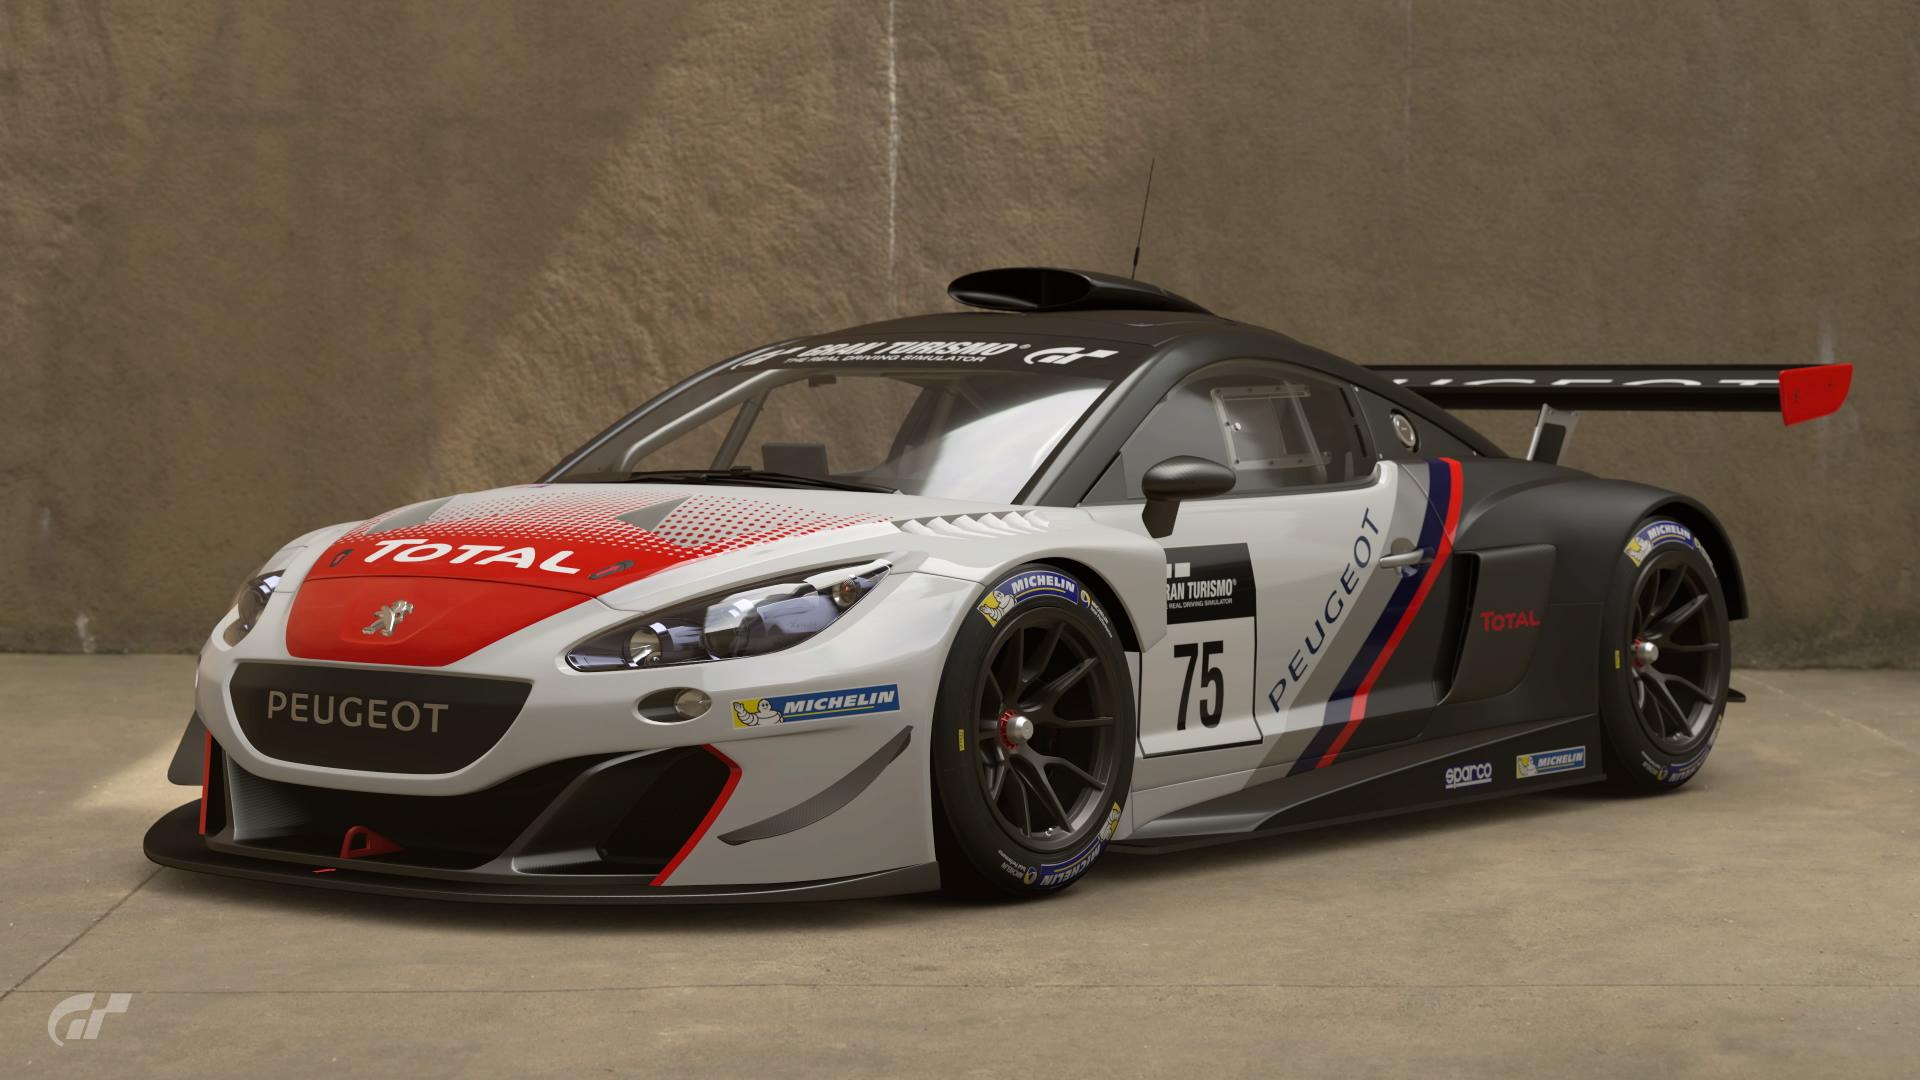 Peugeot RCZ Gr.3 | Gran Turismo Wiki | FANDOM powered by Wikia